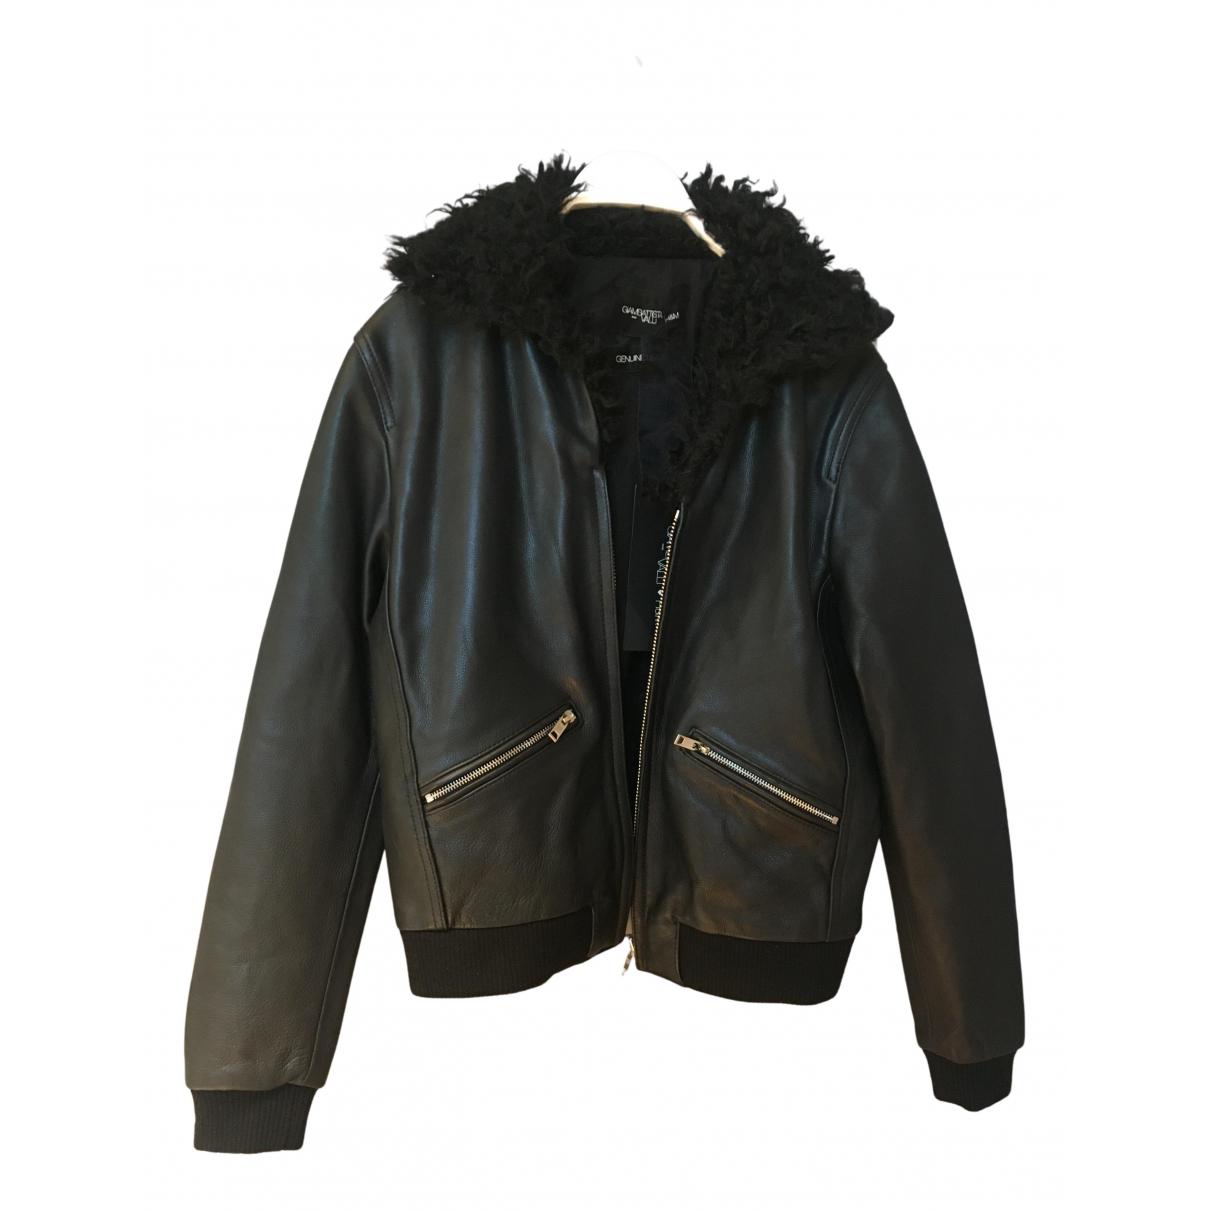 Giambattista Valli X H&m - Blouson   pour femme en cuir - noir